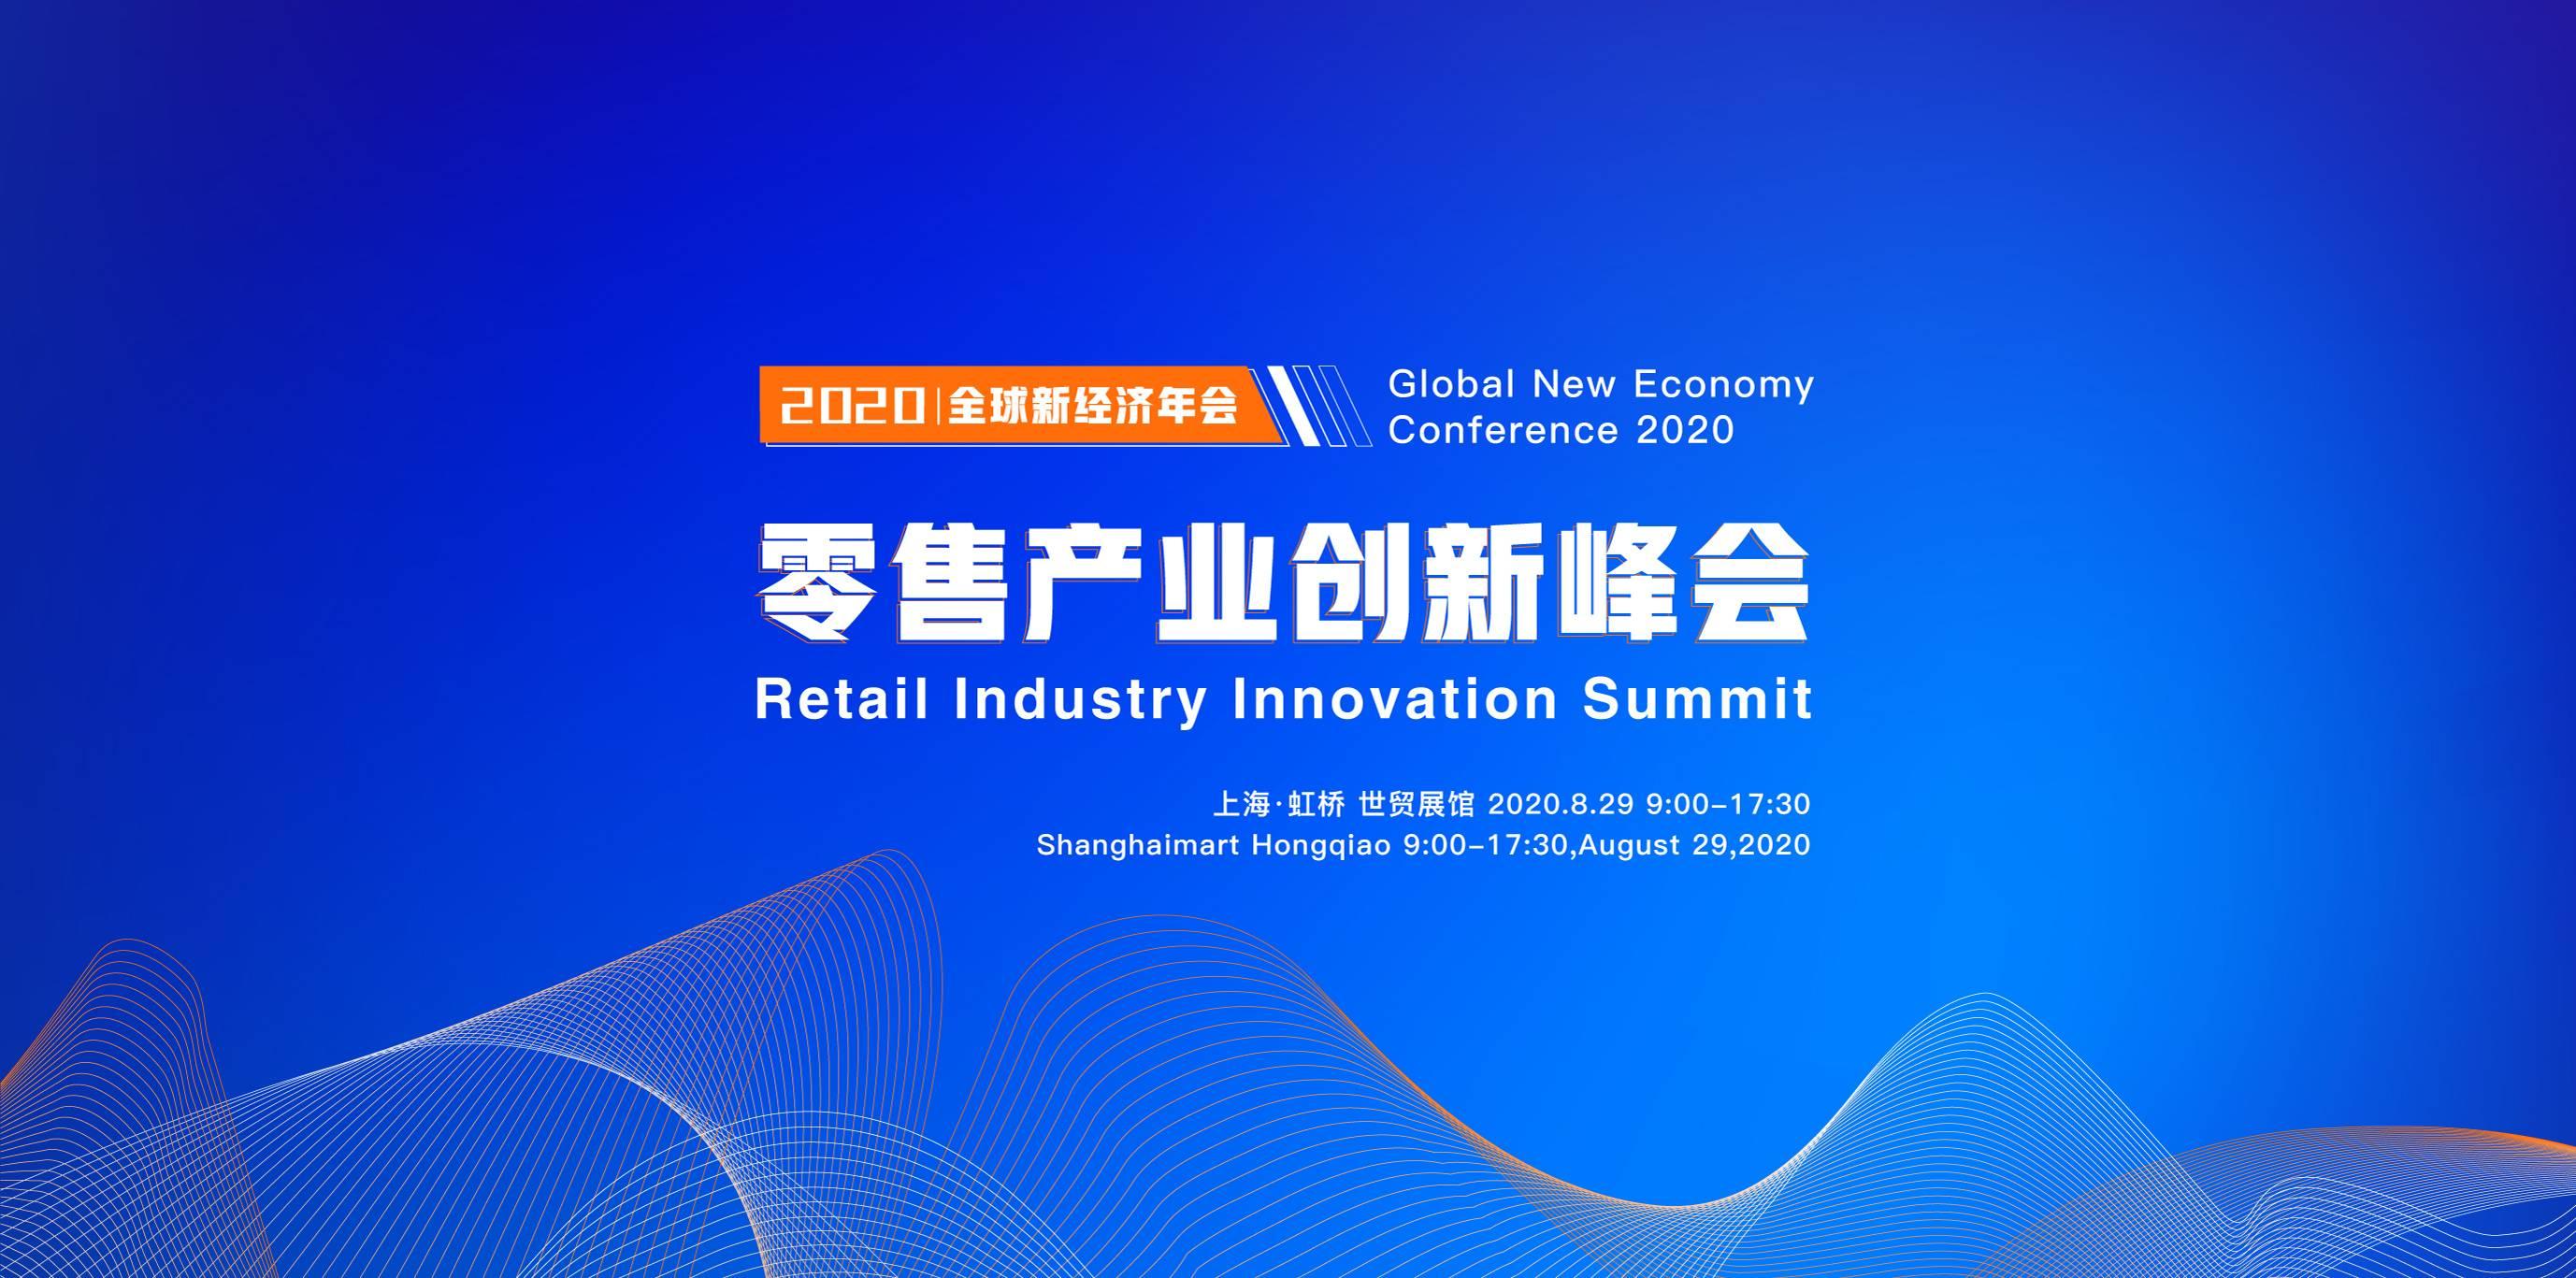 【活动】2020全球新经济年会 零售产业创新峰会-亿欧